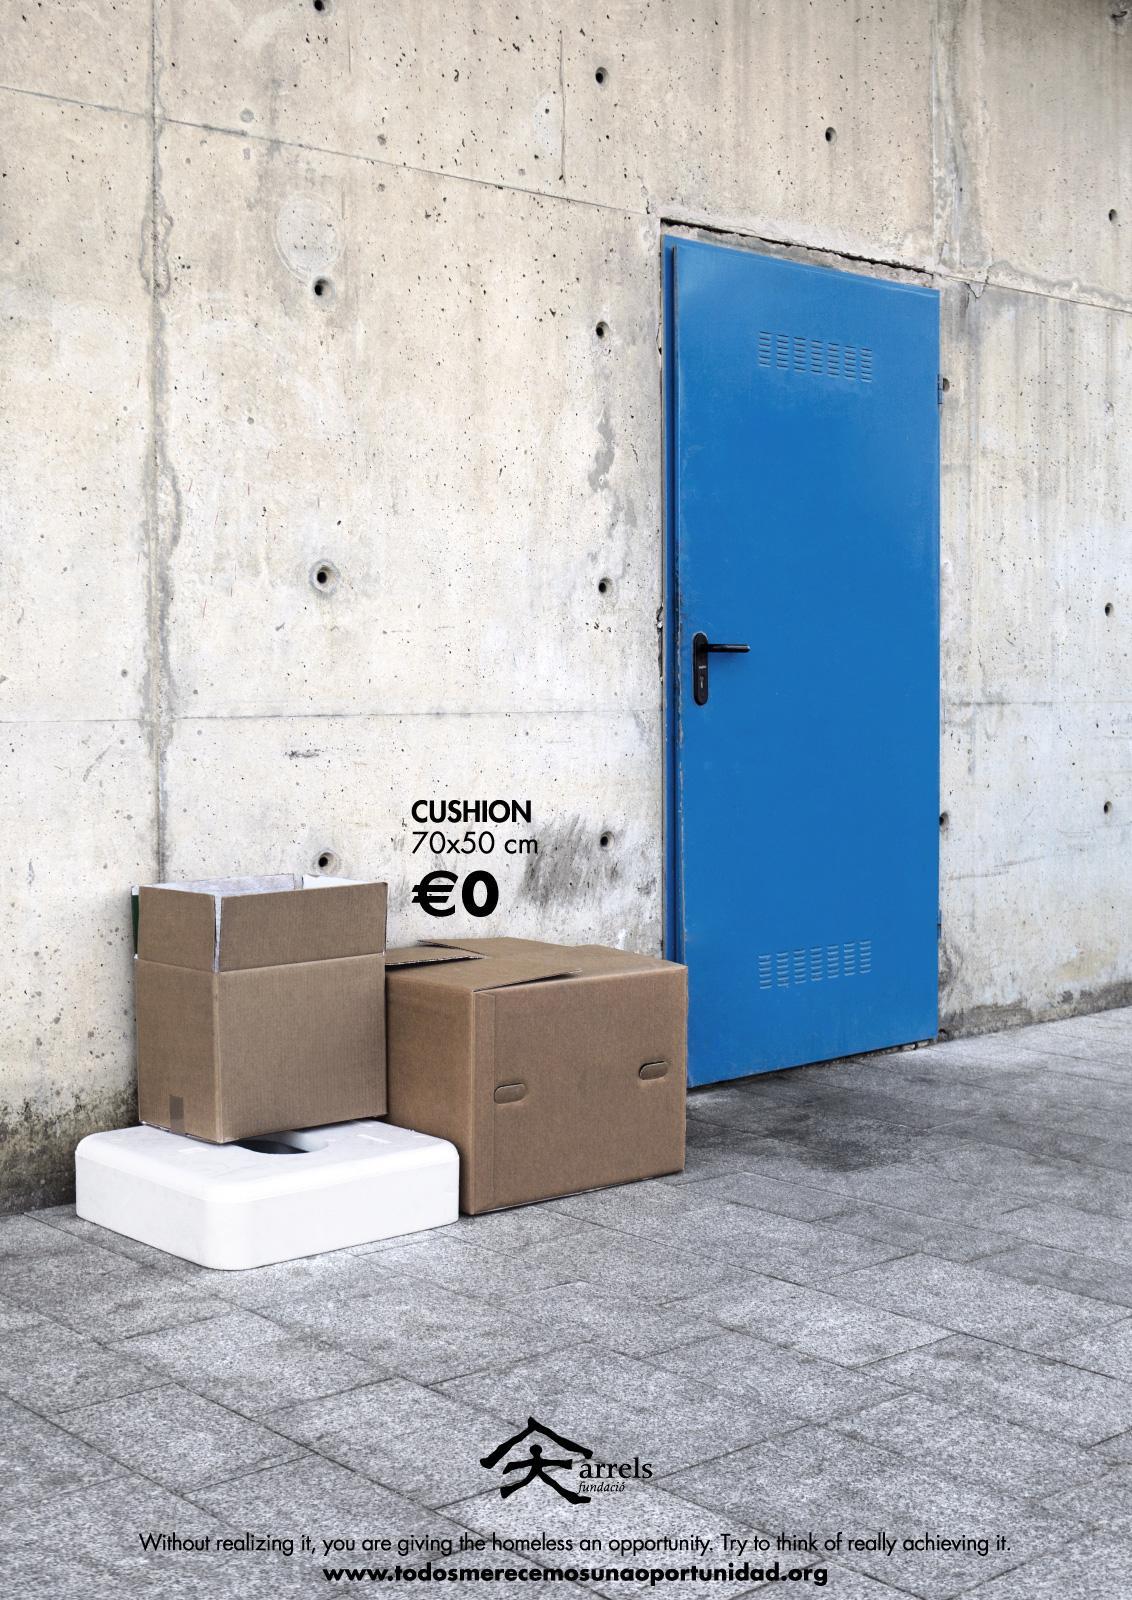 Arrels Foundation Print Ad -  Cushion